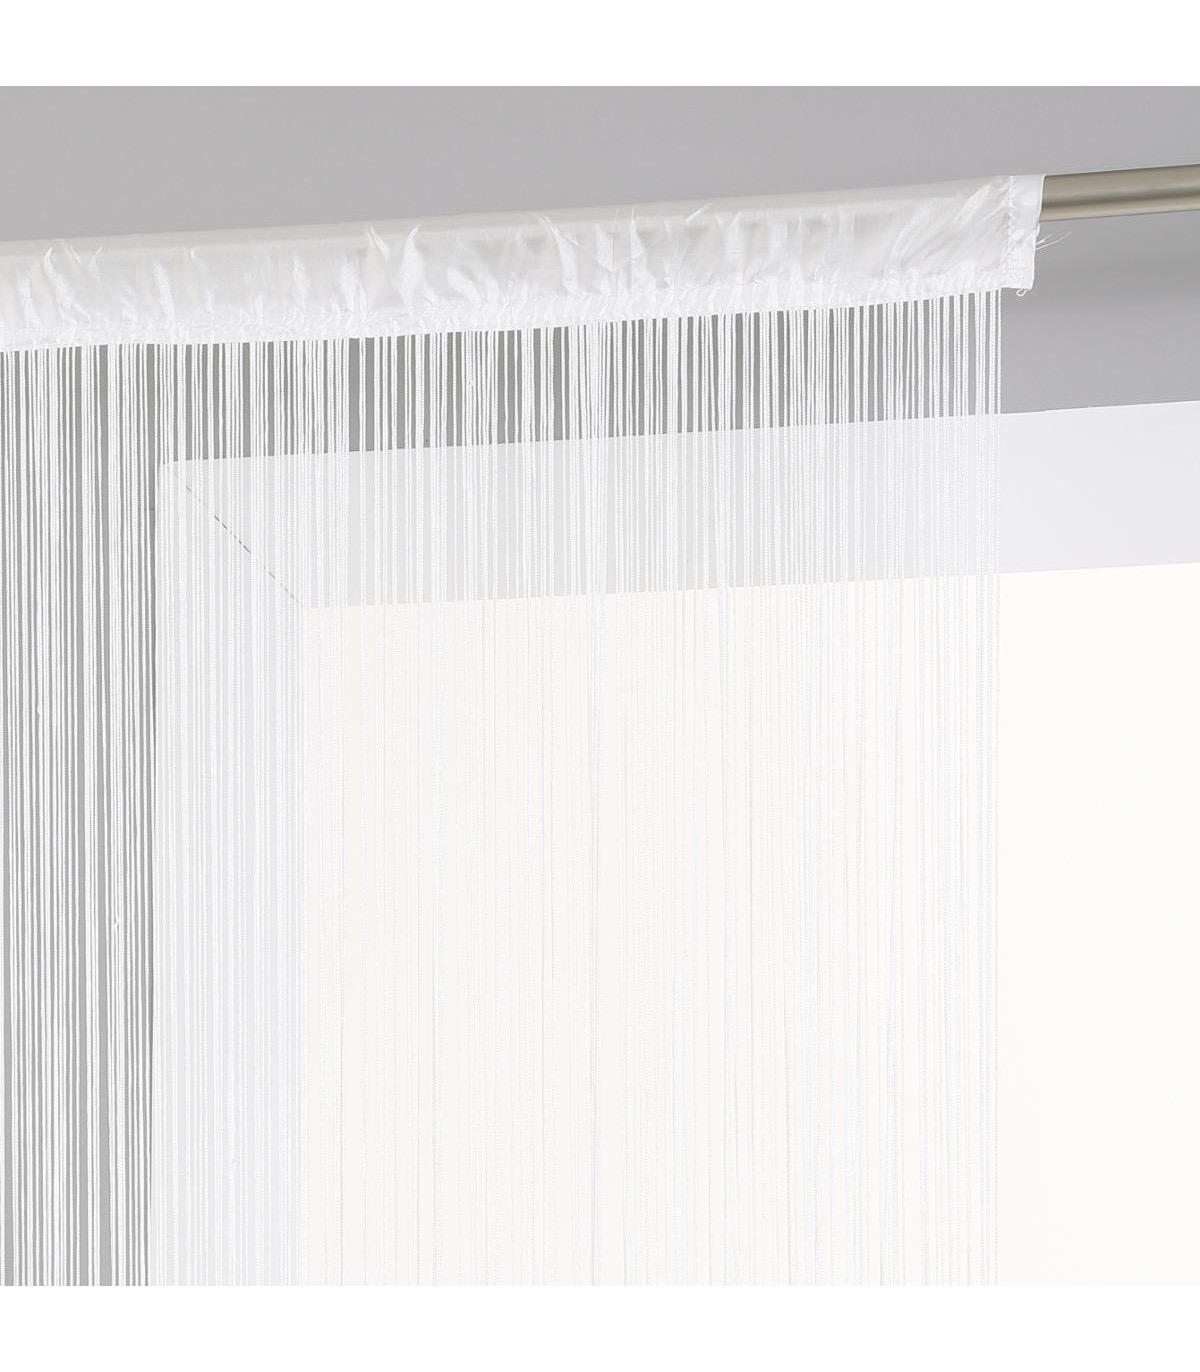 rideau fil blanc 120x240